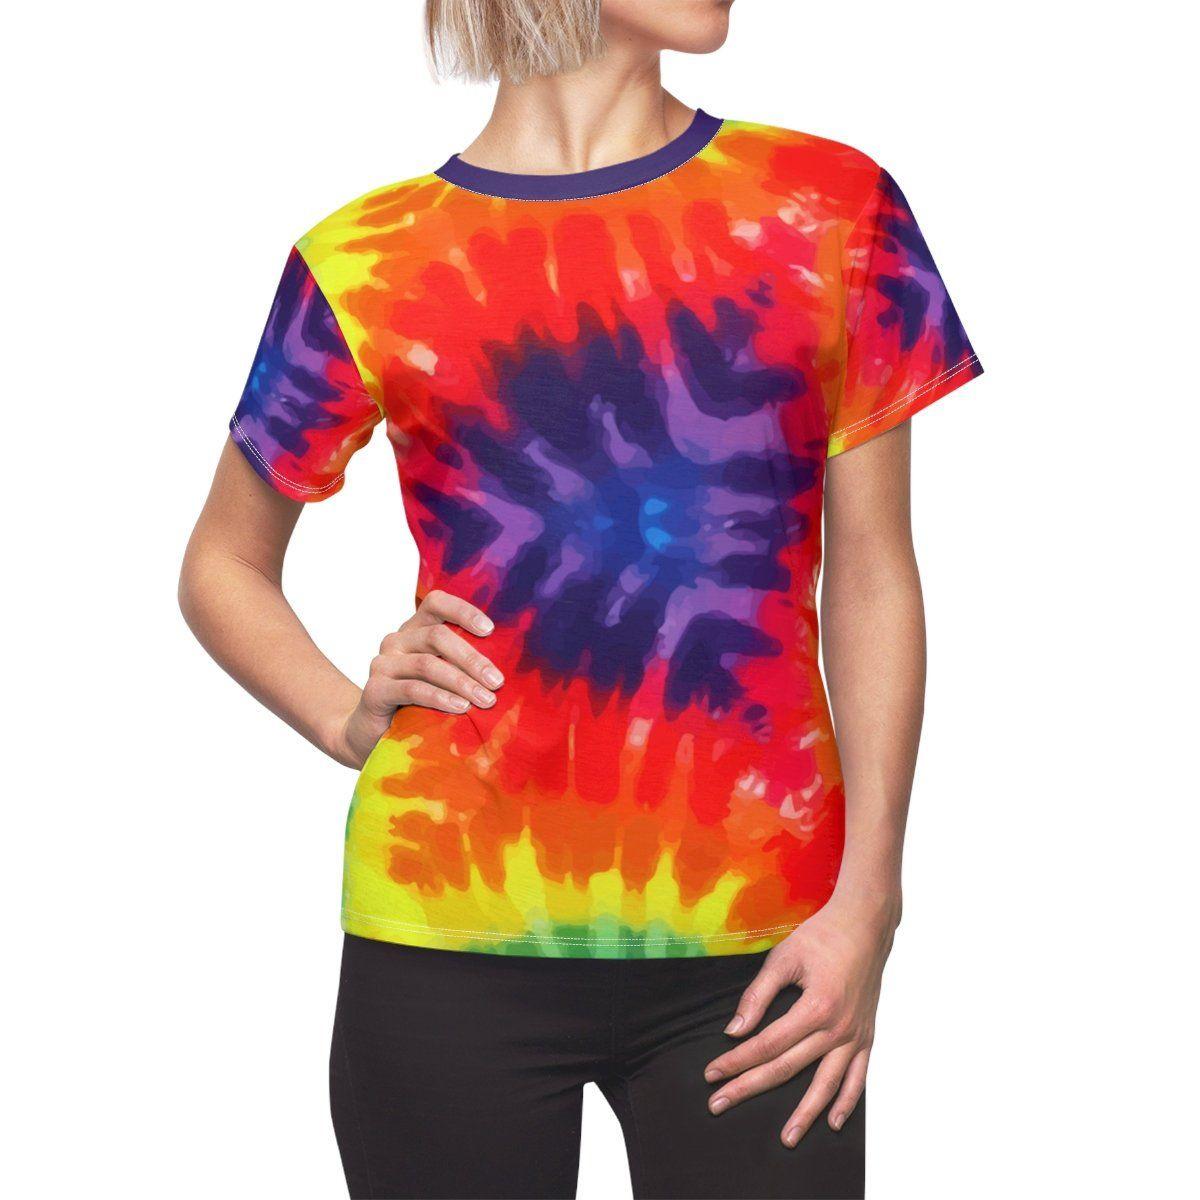 7fdfbb80 Psychedelic Tie Dye, Burst of Color,Women's AOP, Cut & Sew Tee in ...